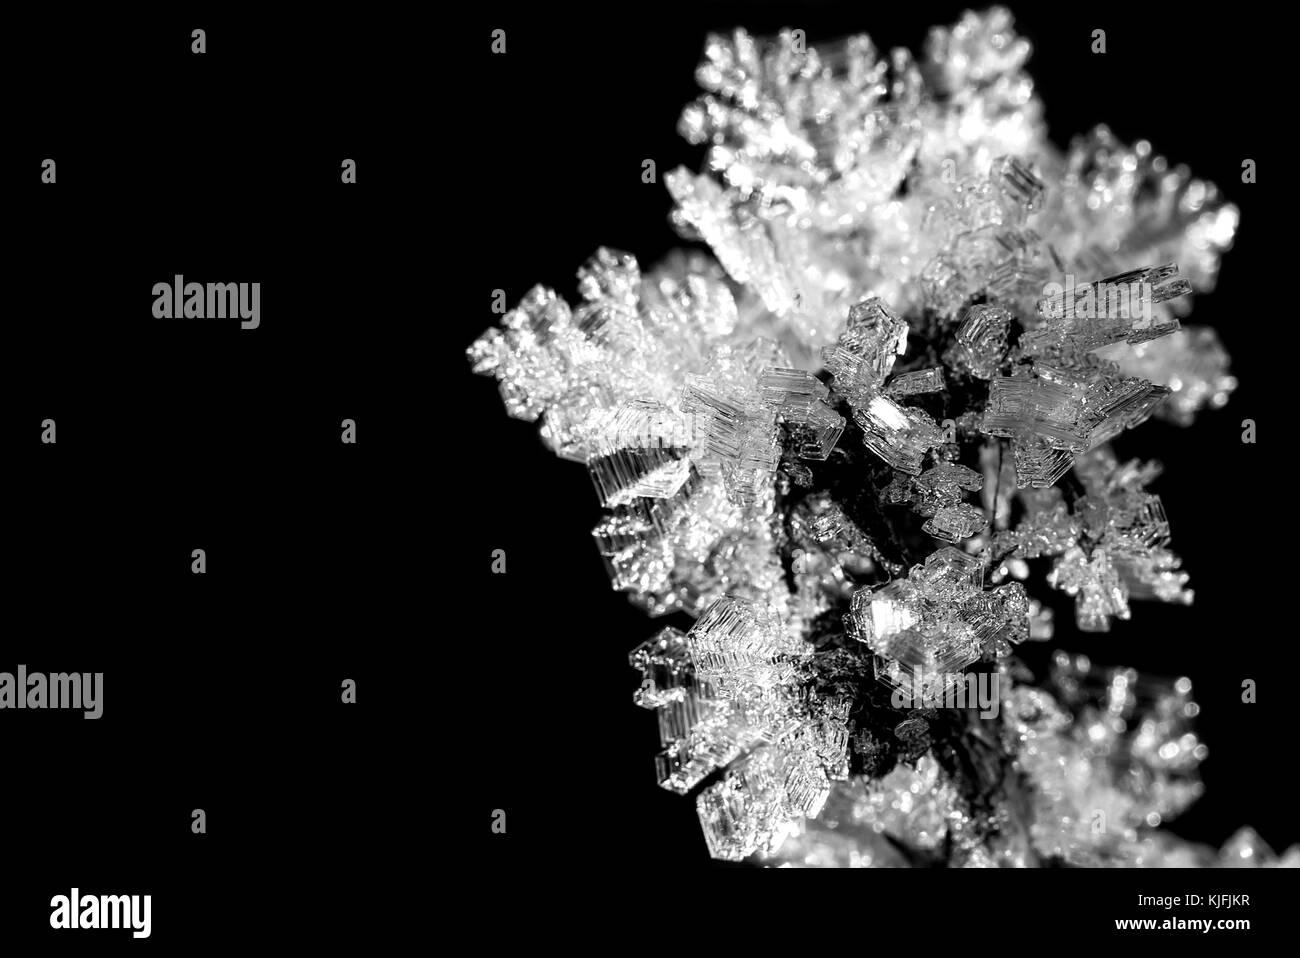 Fiocchi Di Neve Di Carta Modelli : Bellissimo modello invernale di cristalli di ghiaccio di fiocchi